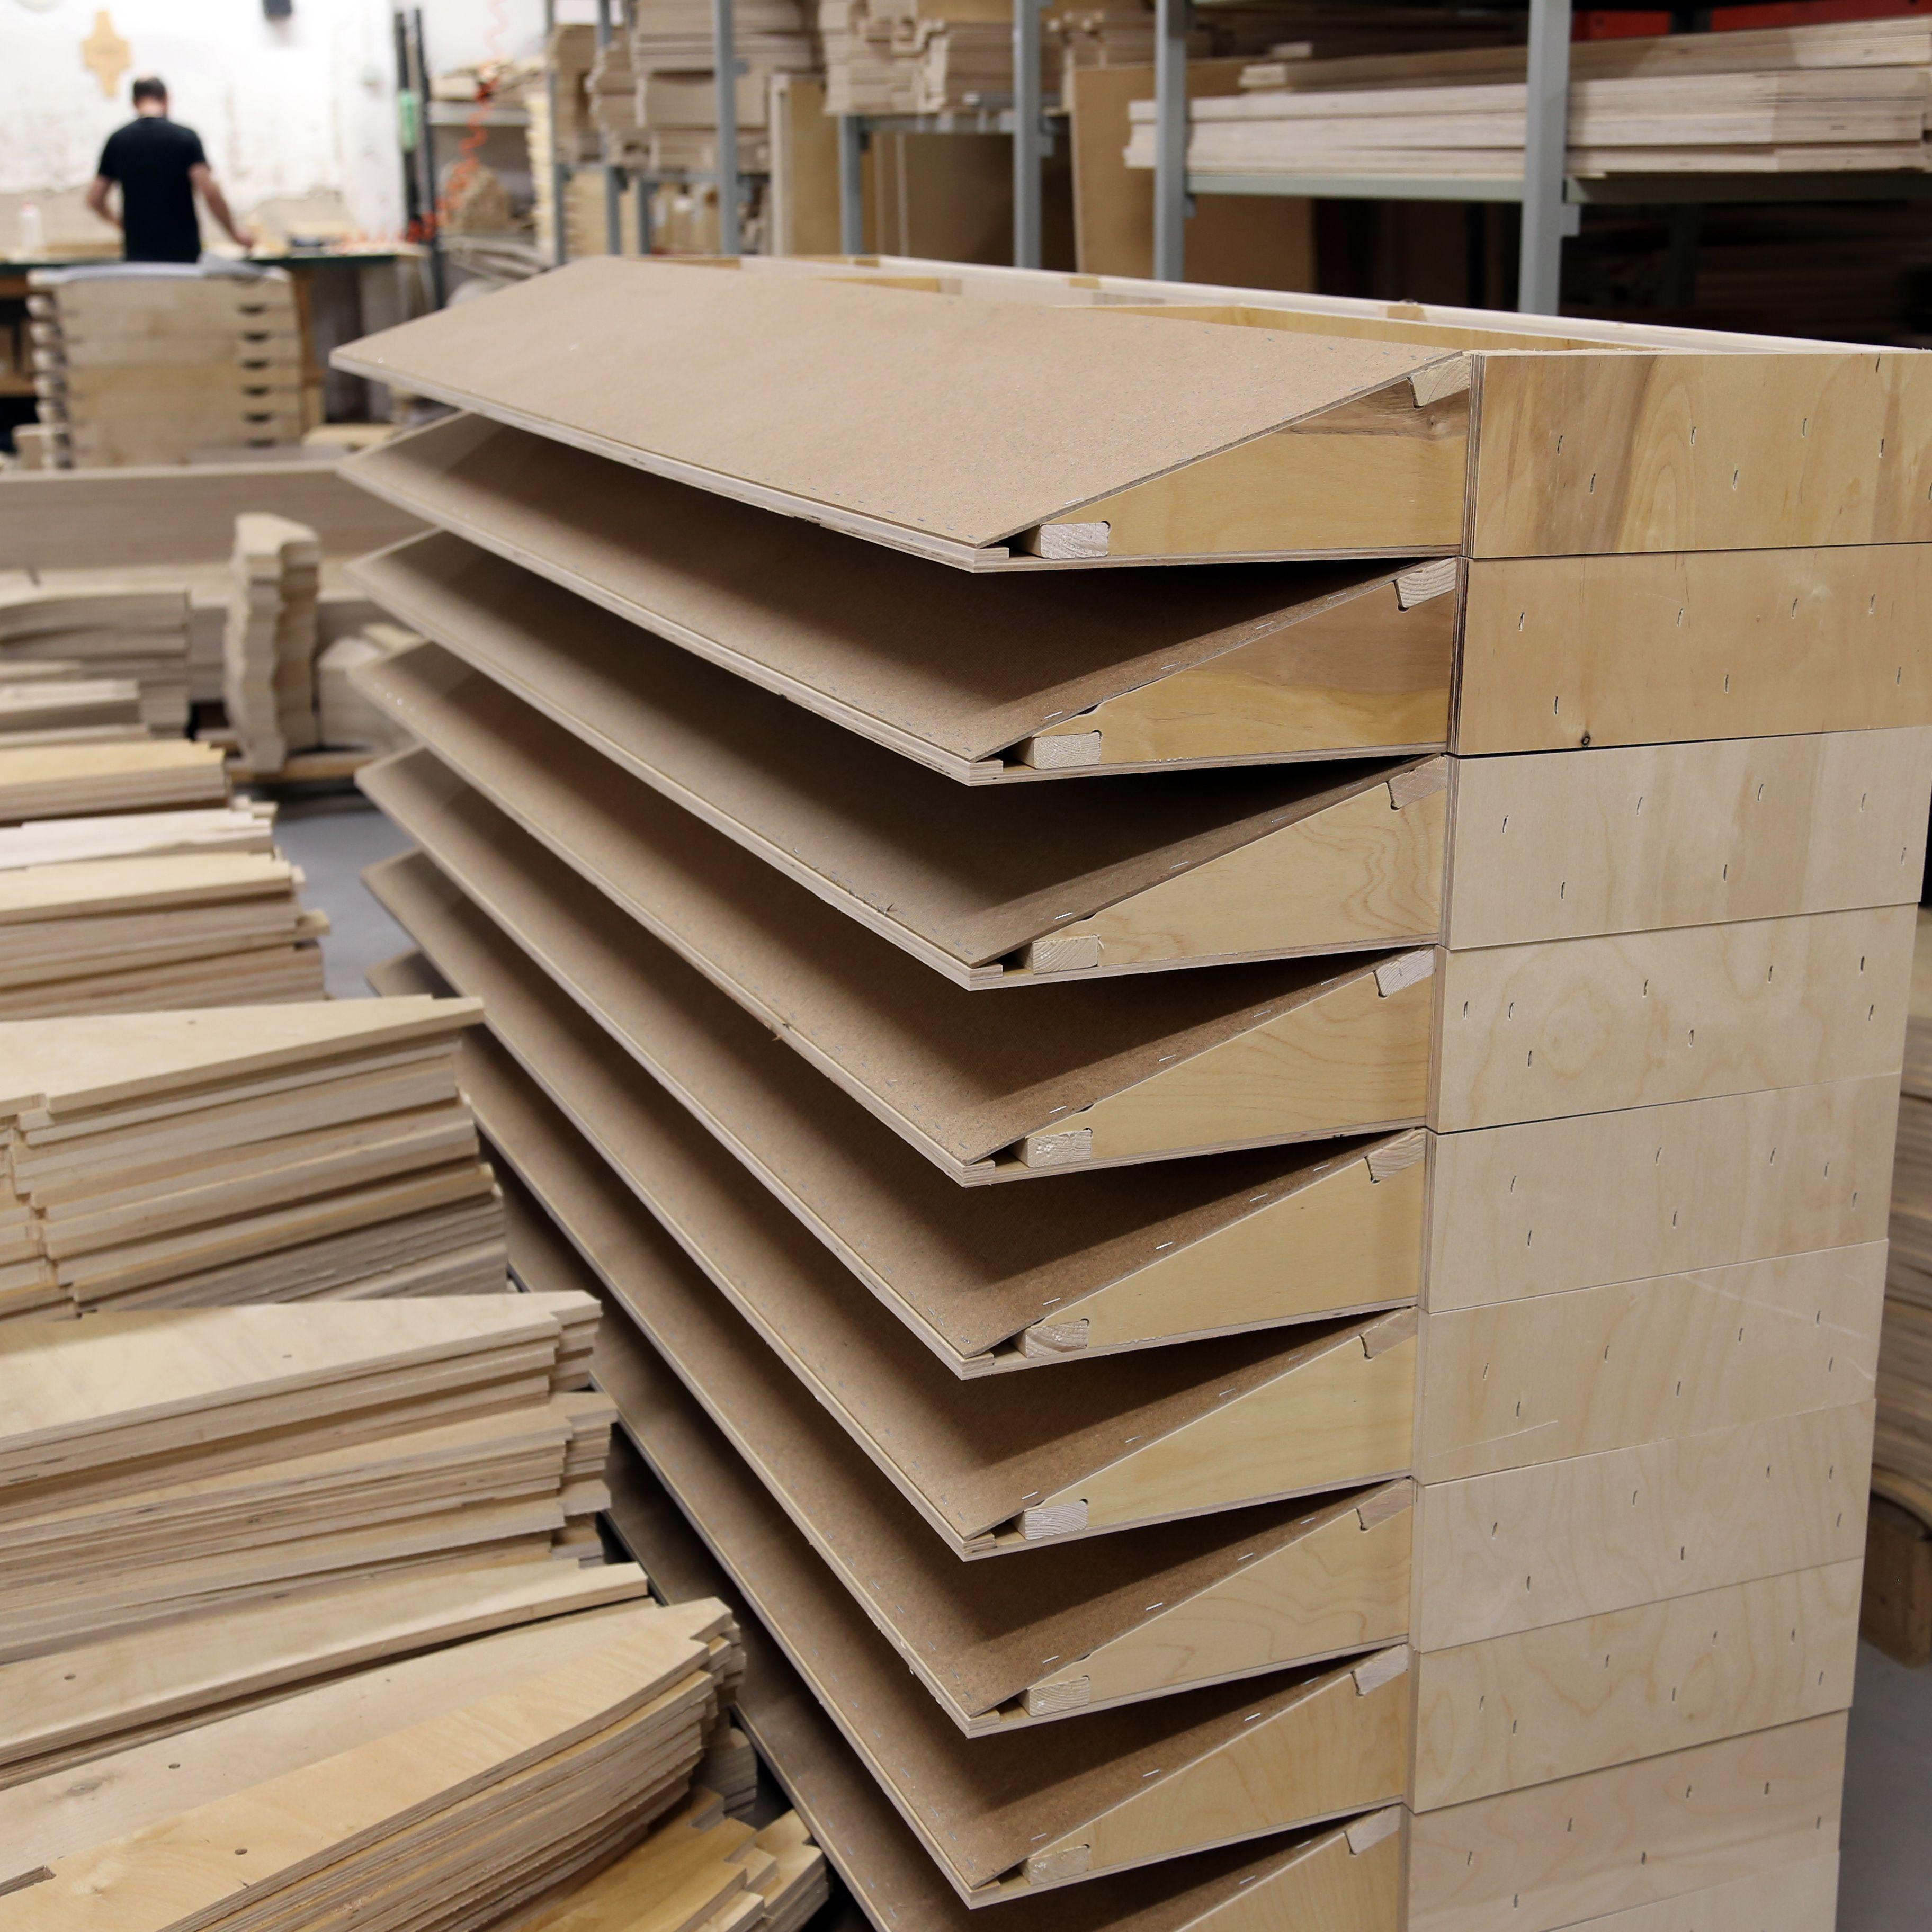 TEHDÄÄN HYVIN | HANDMADE QUALITY Työvaihe: Selkänojarungon valmistus | Craft: Framework production Tuotantolinja: Sohvat| Production line: Sofas  #pohjanmaan #pohjanmaankaluste #käsintehty